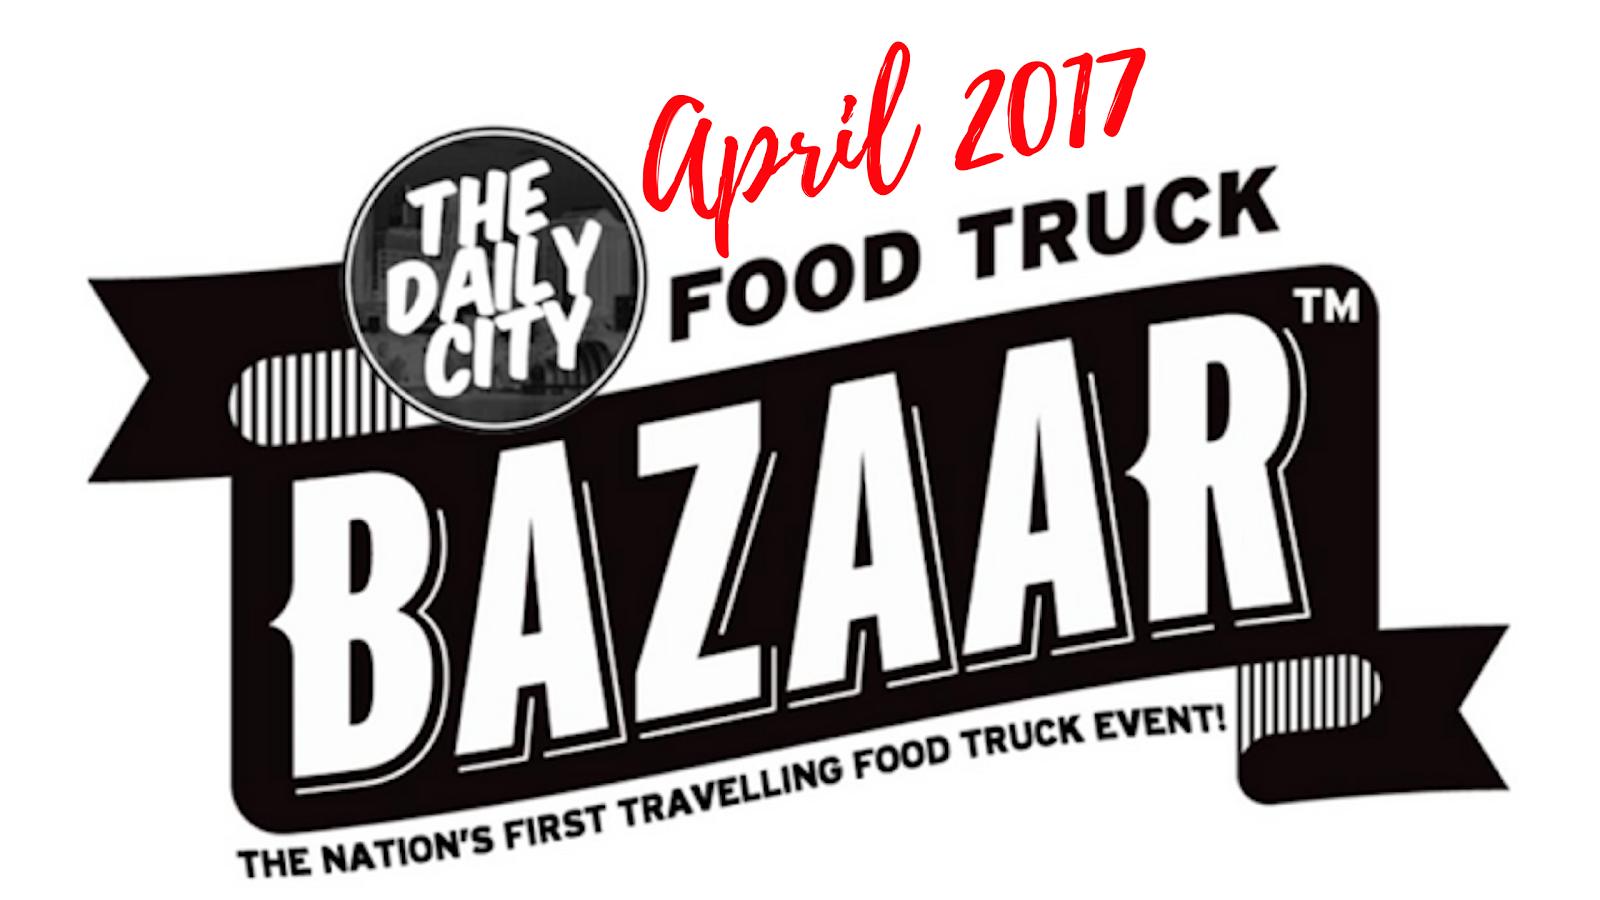 Food Truck Bazaar Orlando Schedule